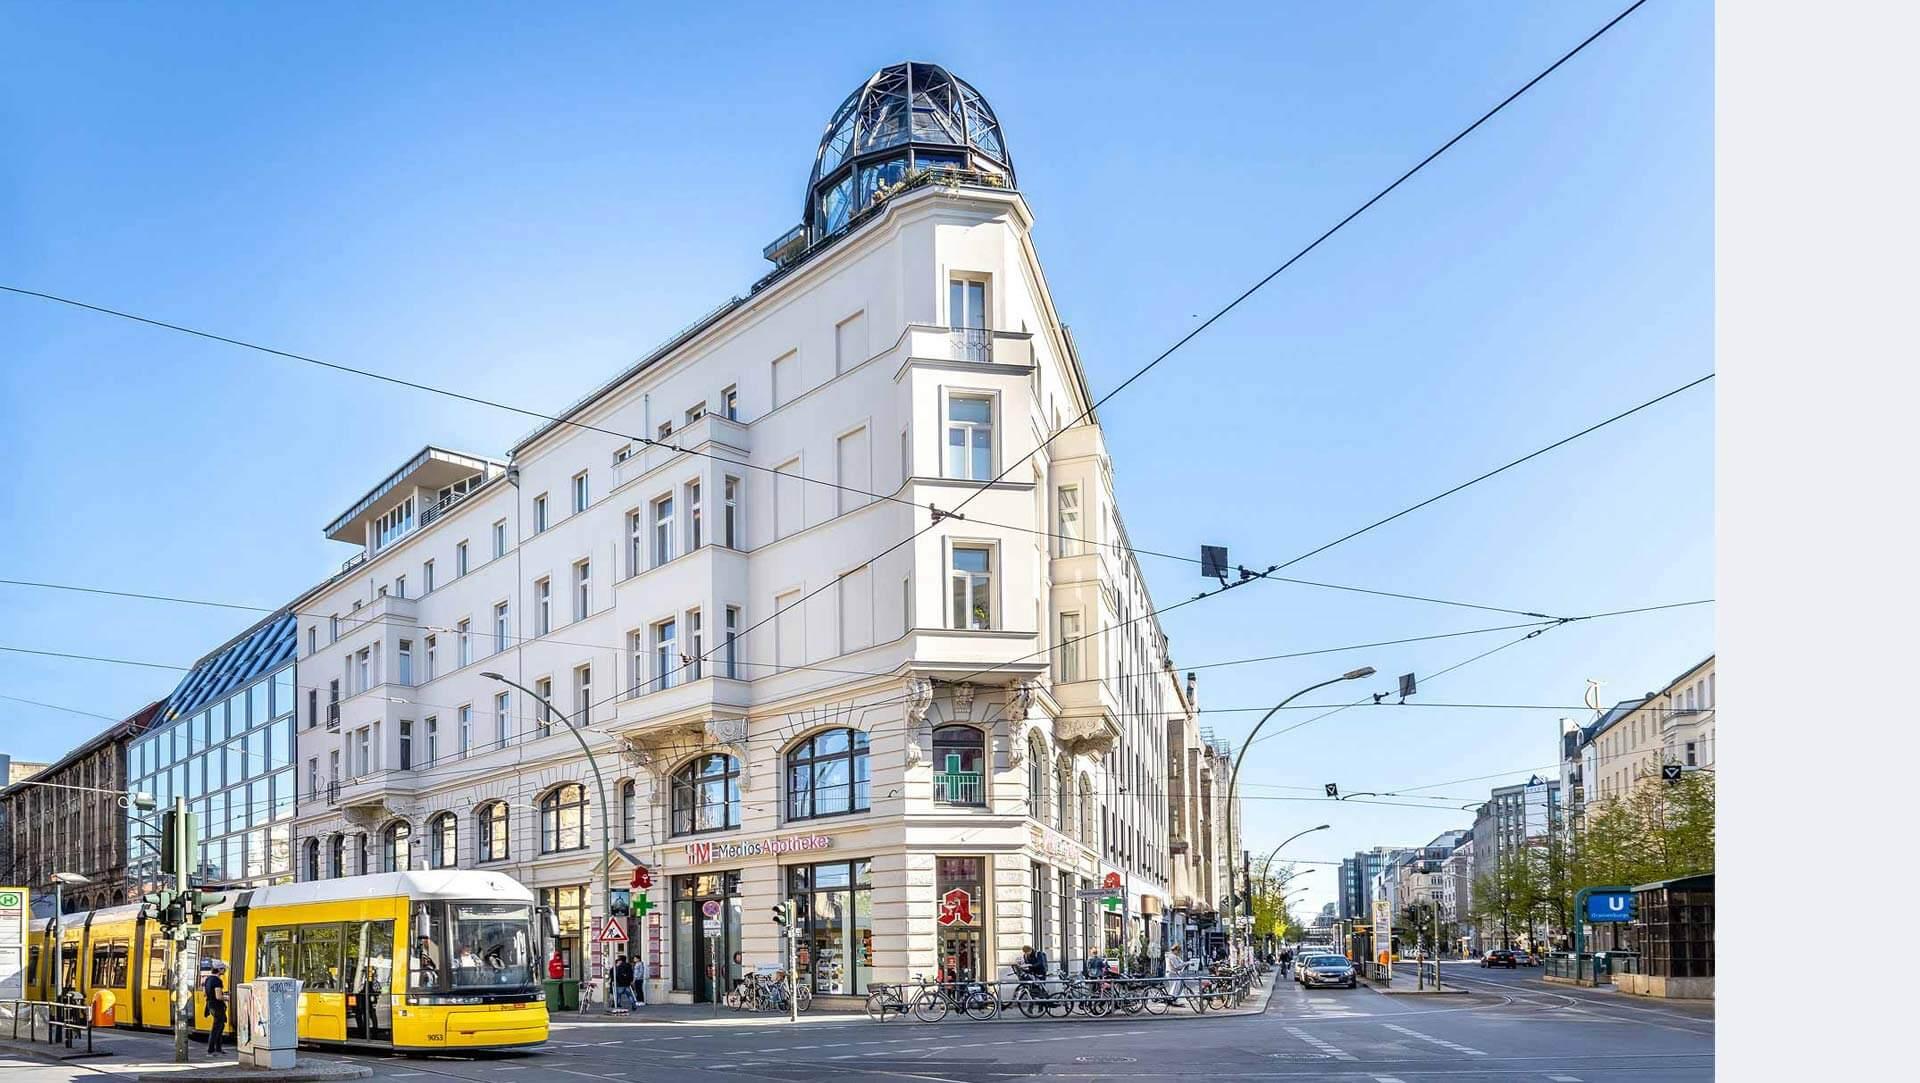 aerztehaus-gebaeudefoto-fuer-arztwebsite